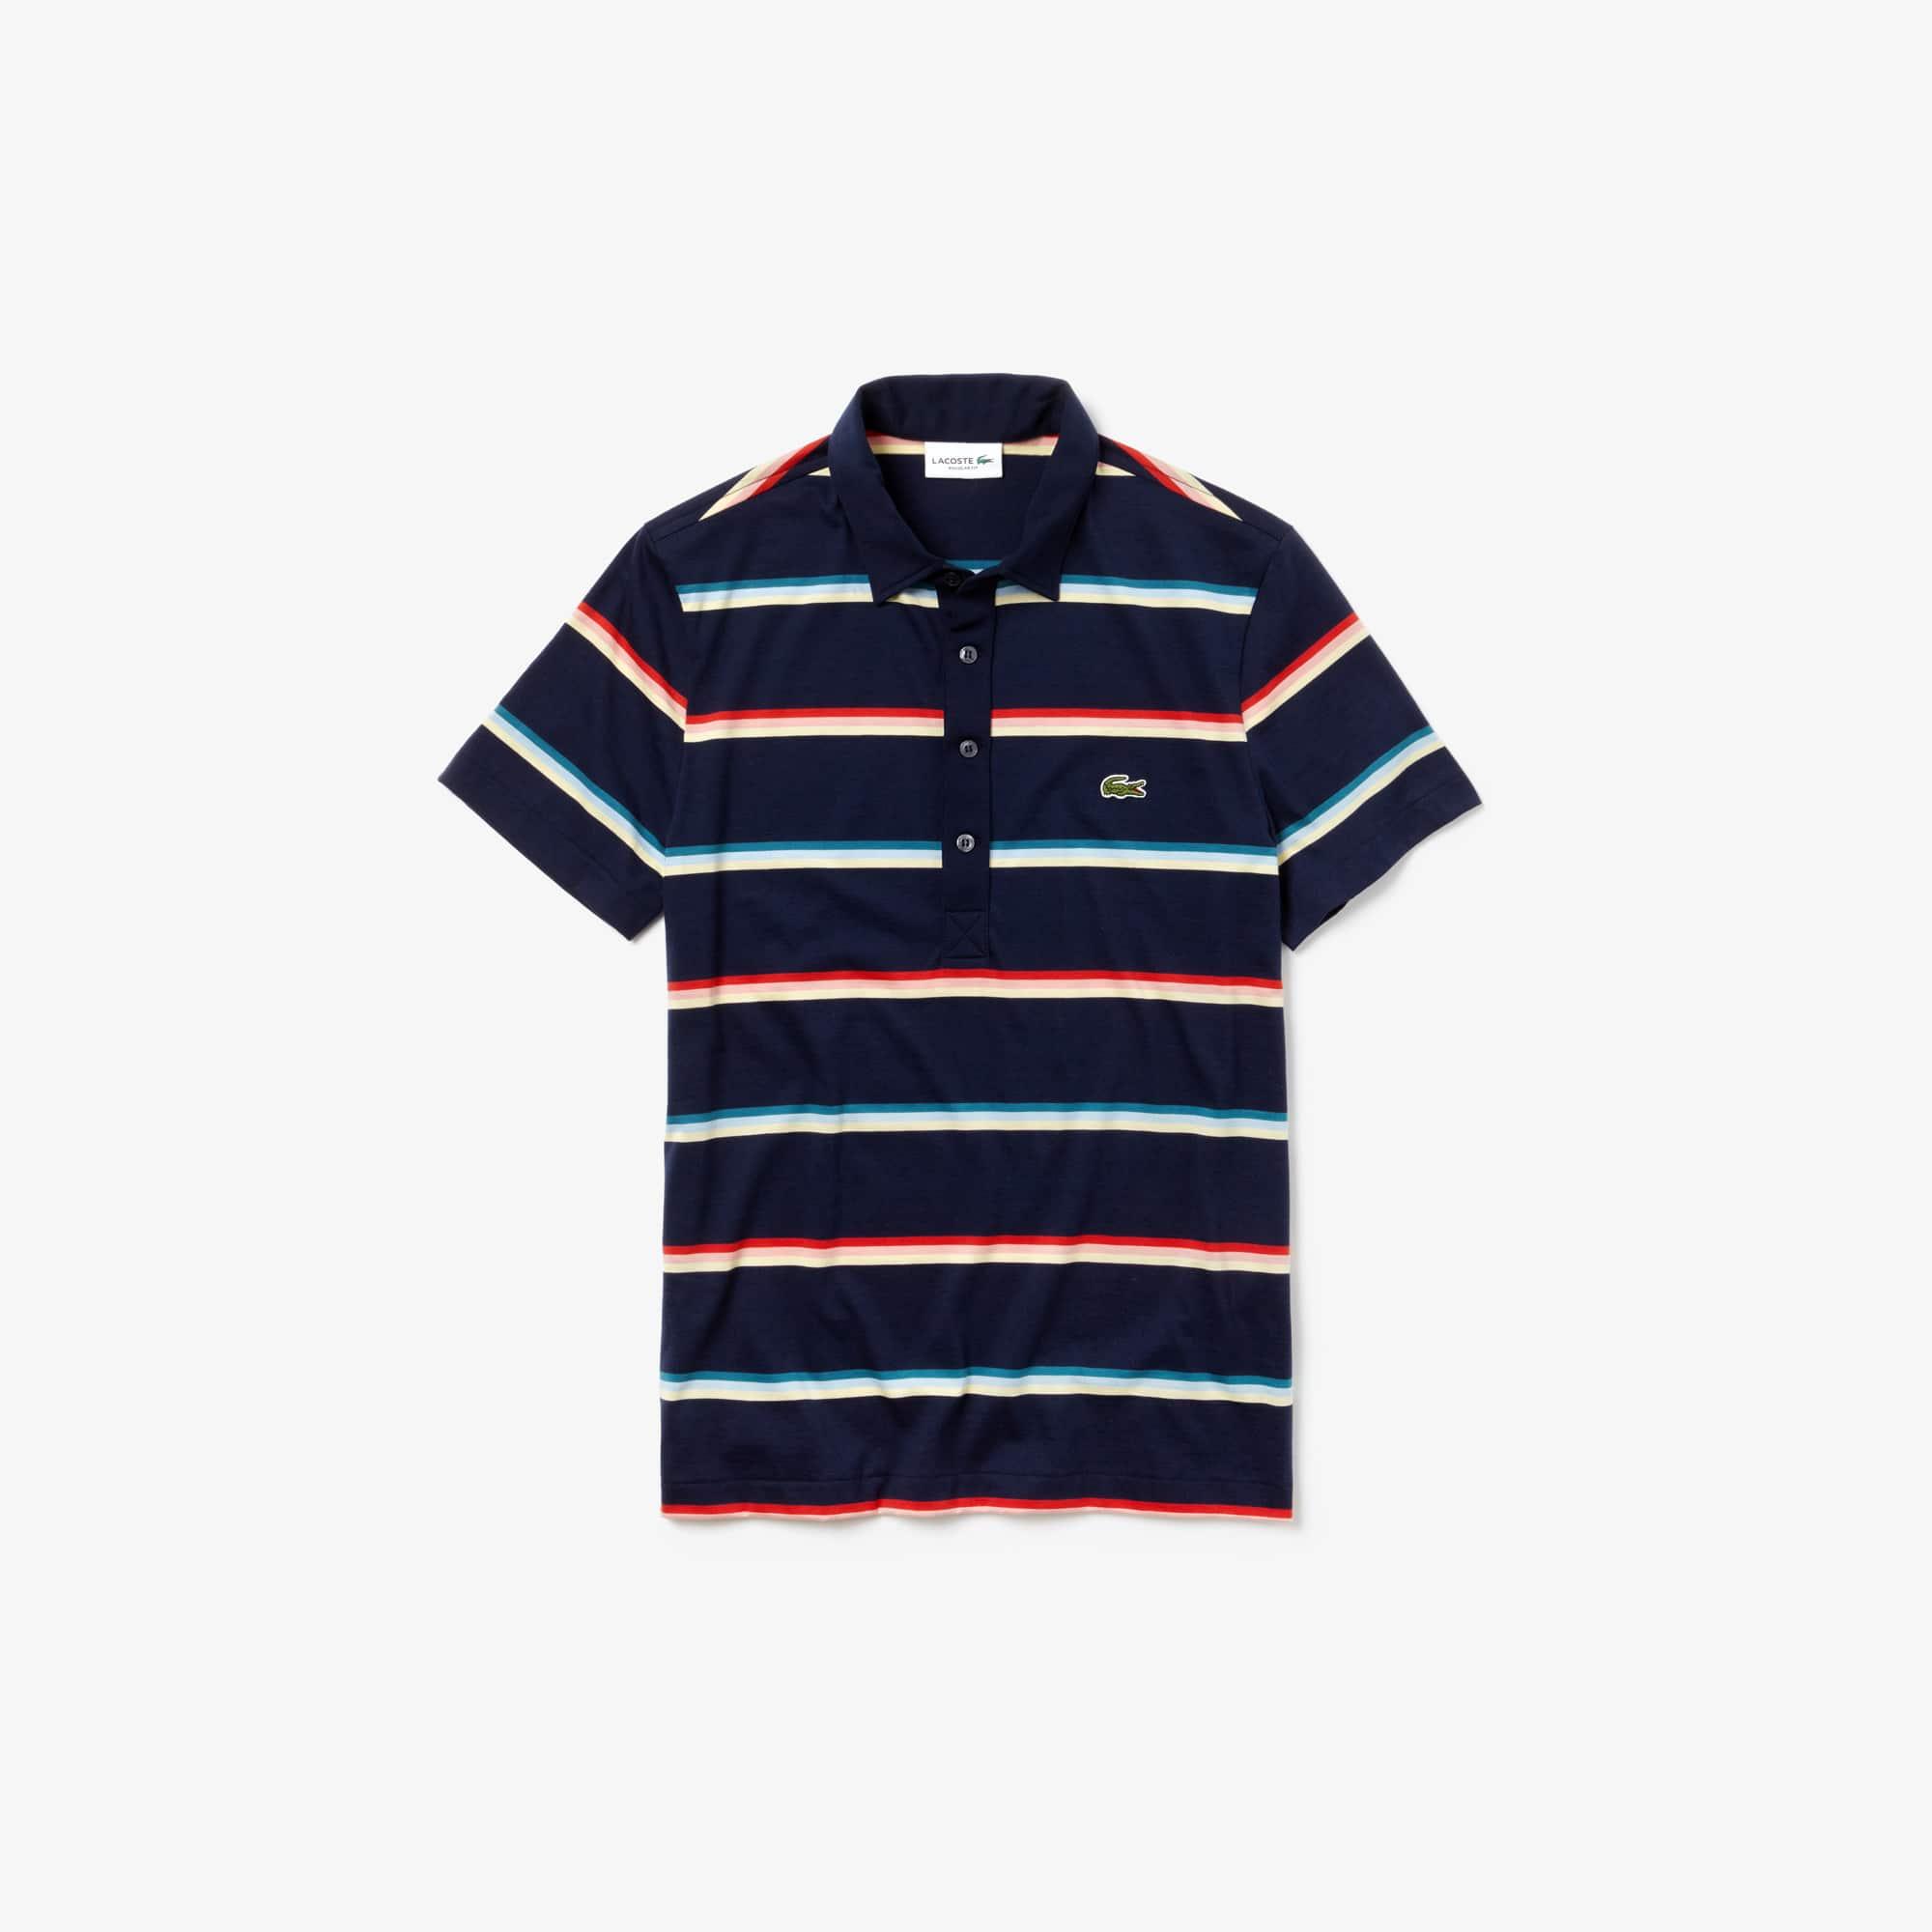 b52c20295c Men's Lacoste Regular Fit Colour Striped Cotton Polo Shirt | LACOSTE